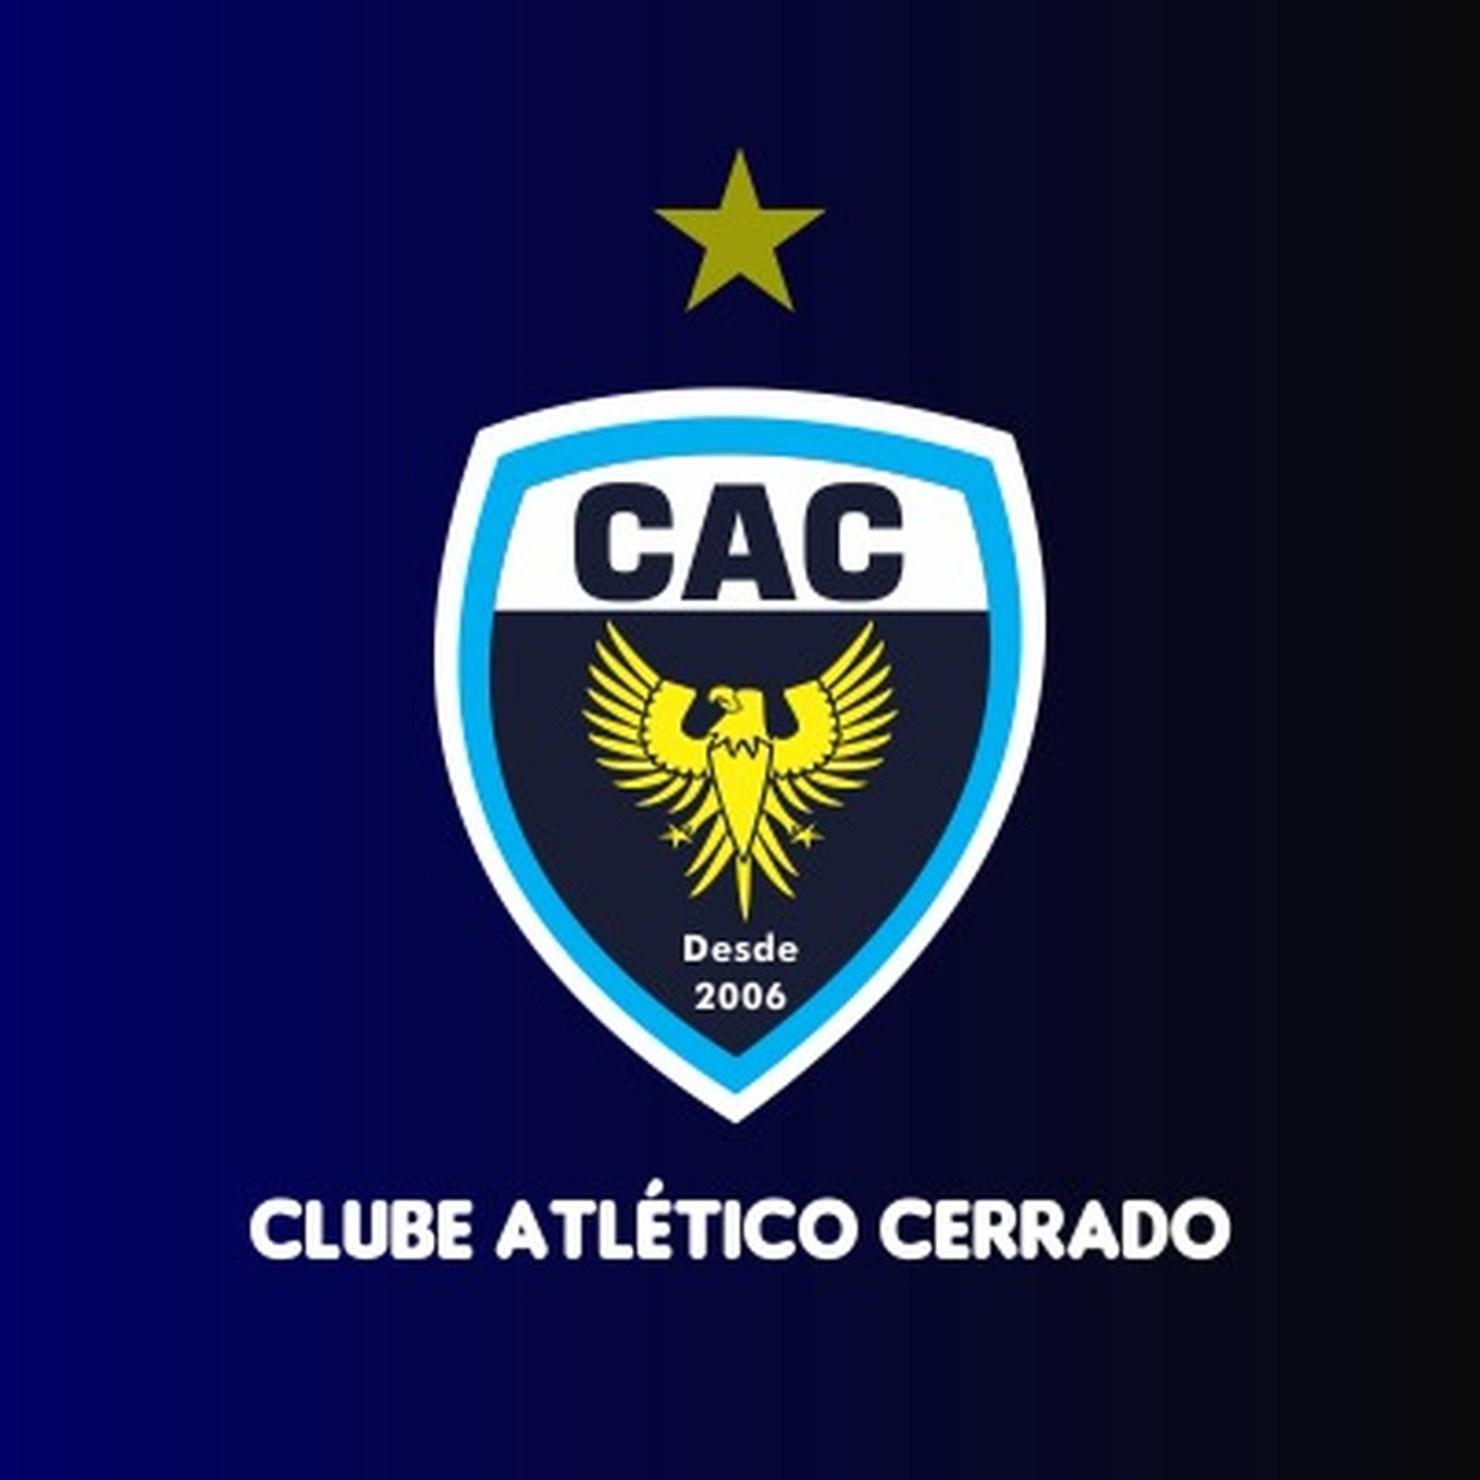 Atlético Cerrado é estreante na elite do estadual  conheça o clube  inspirado no xará mineiro a8525b4647bff